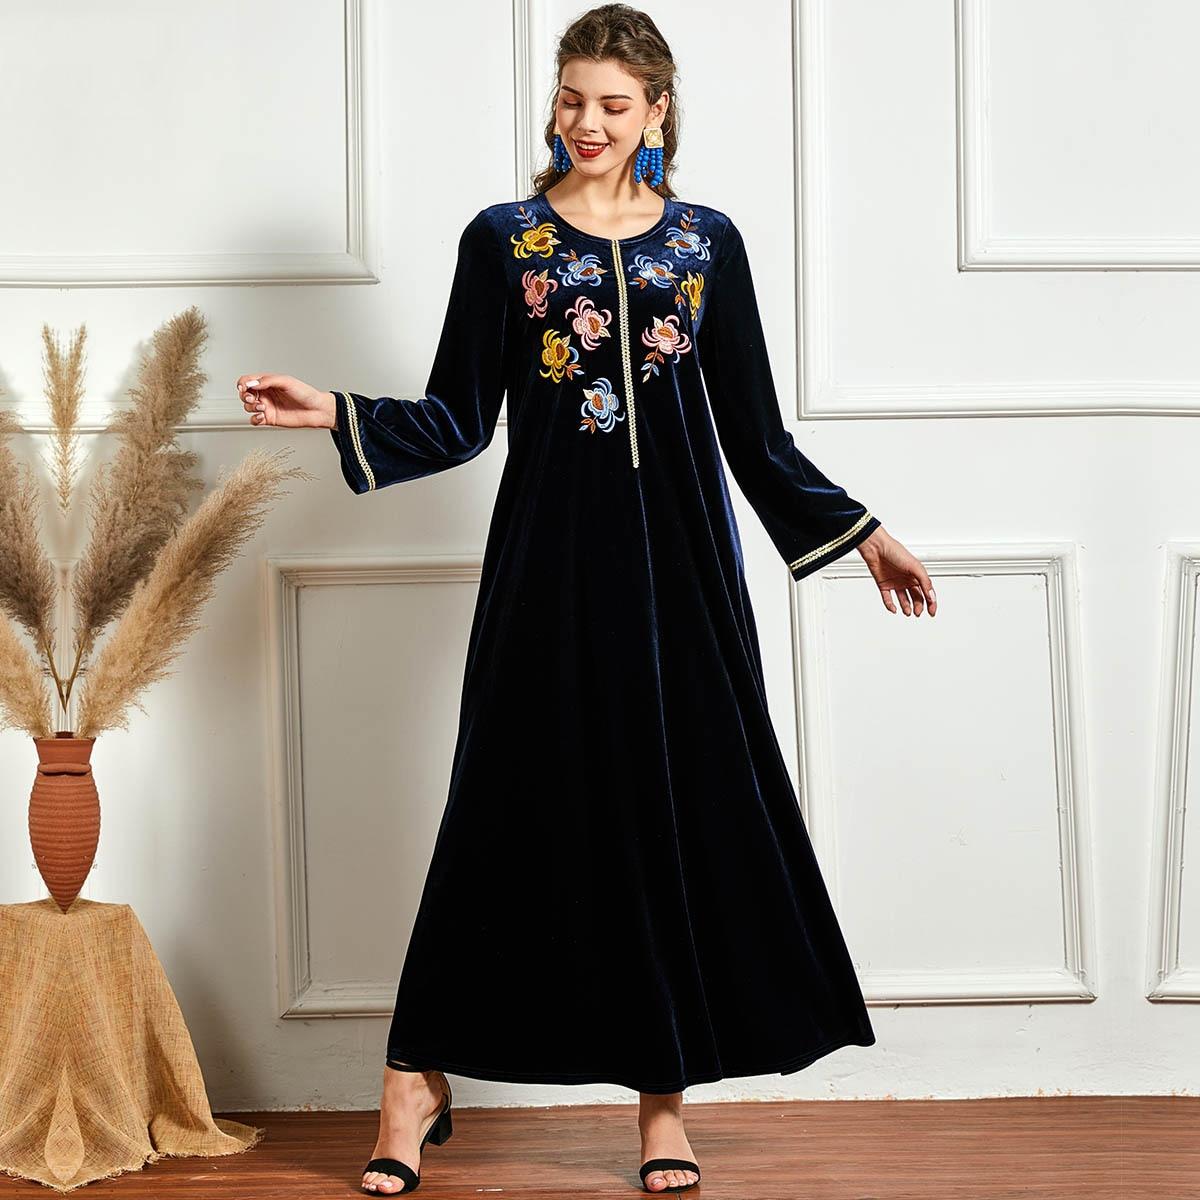 Robe Algérienne en velours broderie florale